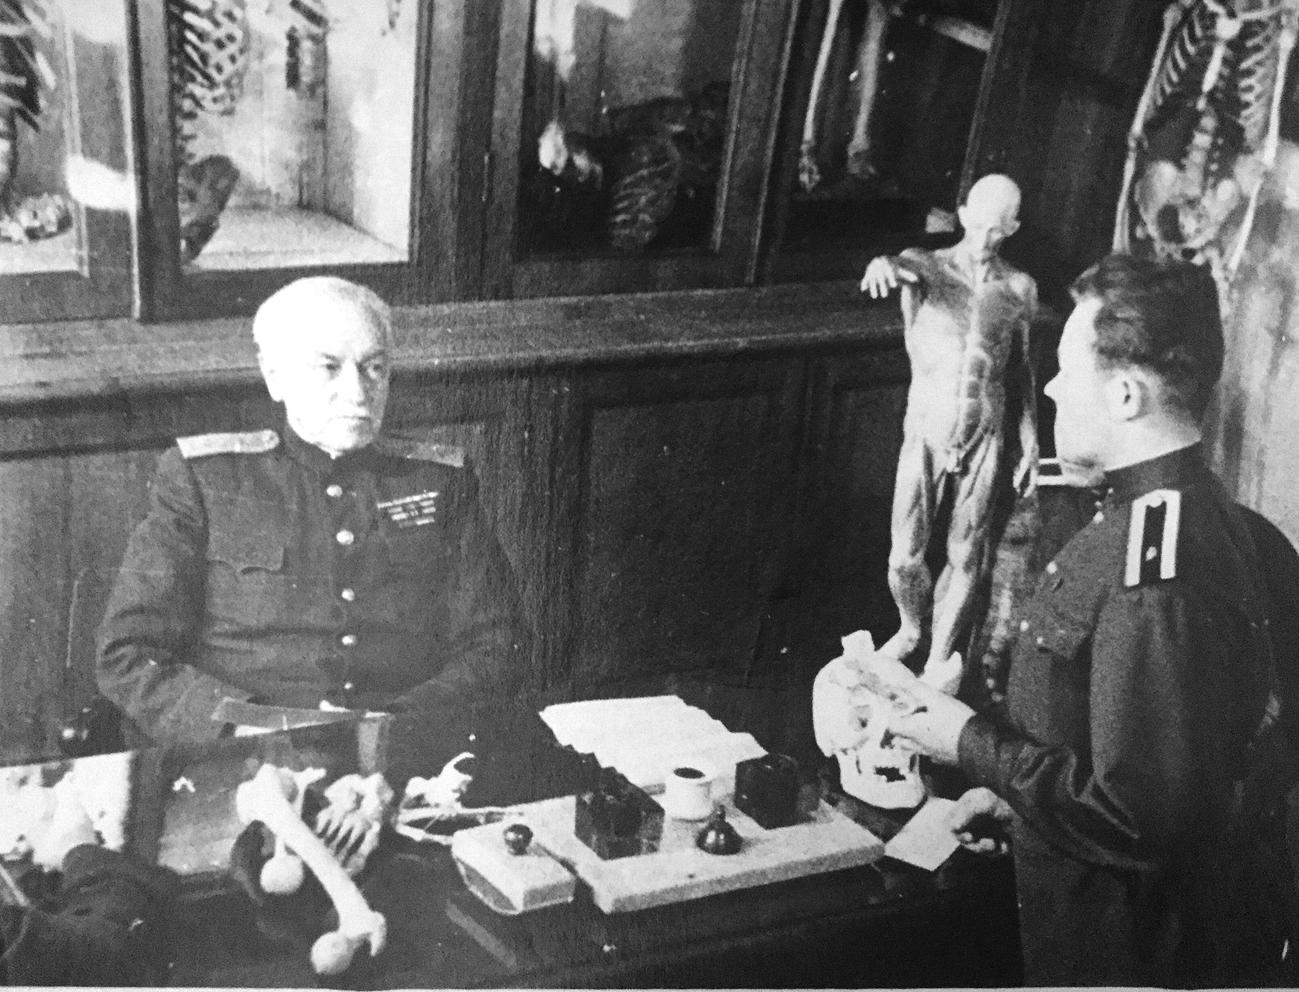 В.Н. Тонков (1872‒1954), русский и советский анатом, генерал-лейтенант медицинской службы, принимает экзамен. 1940-е годы